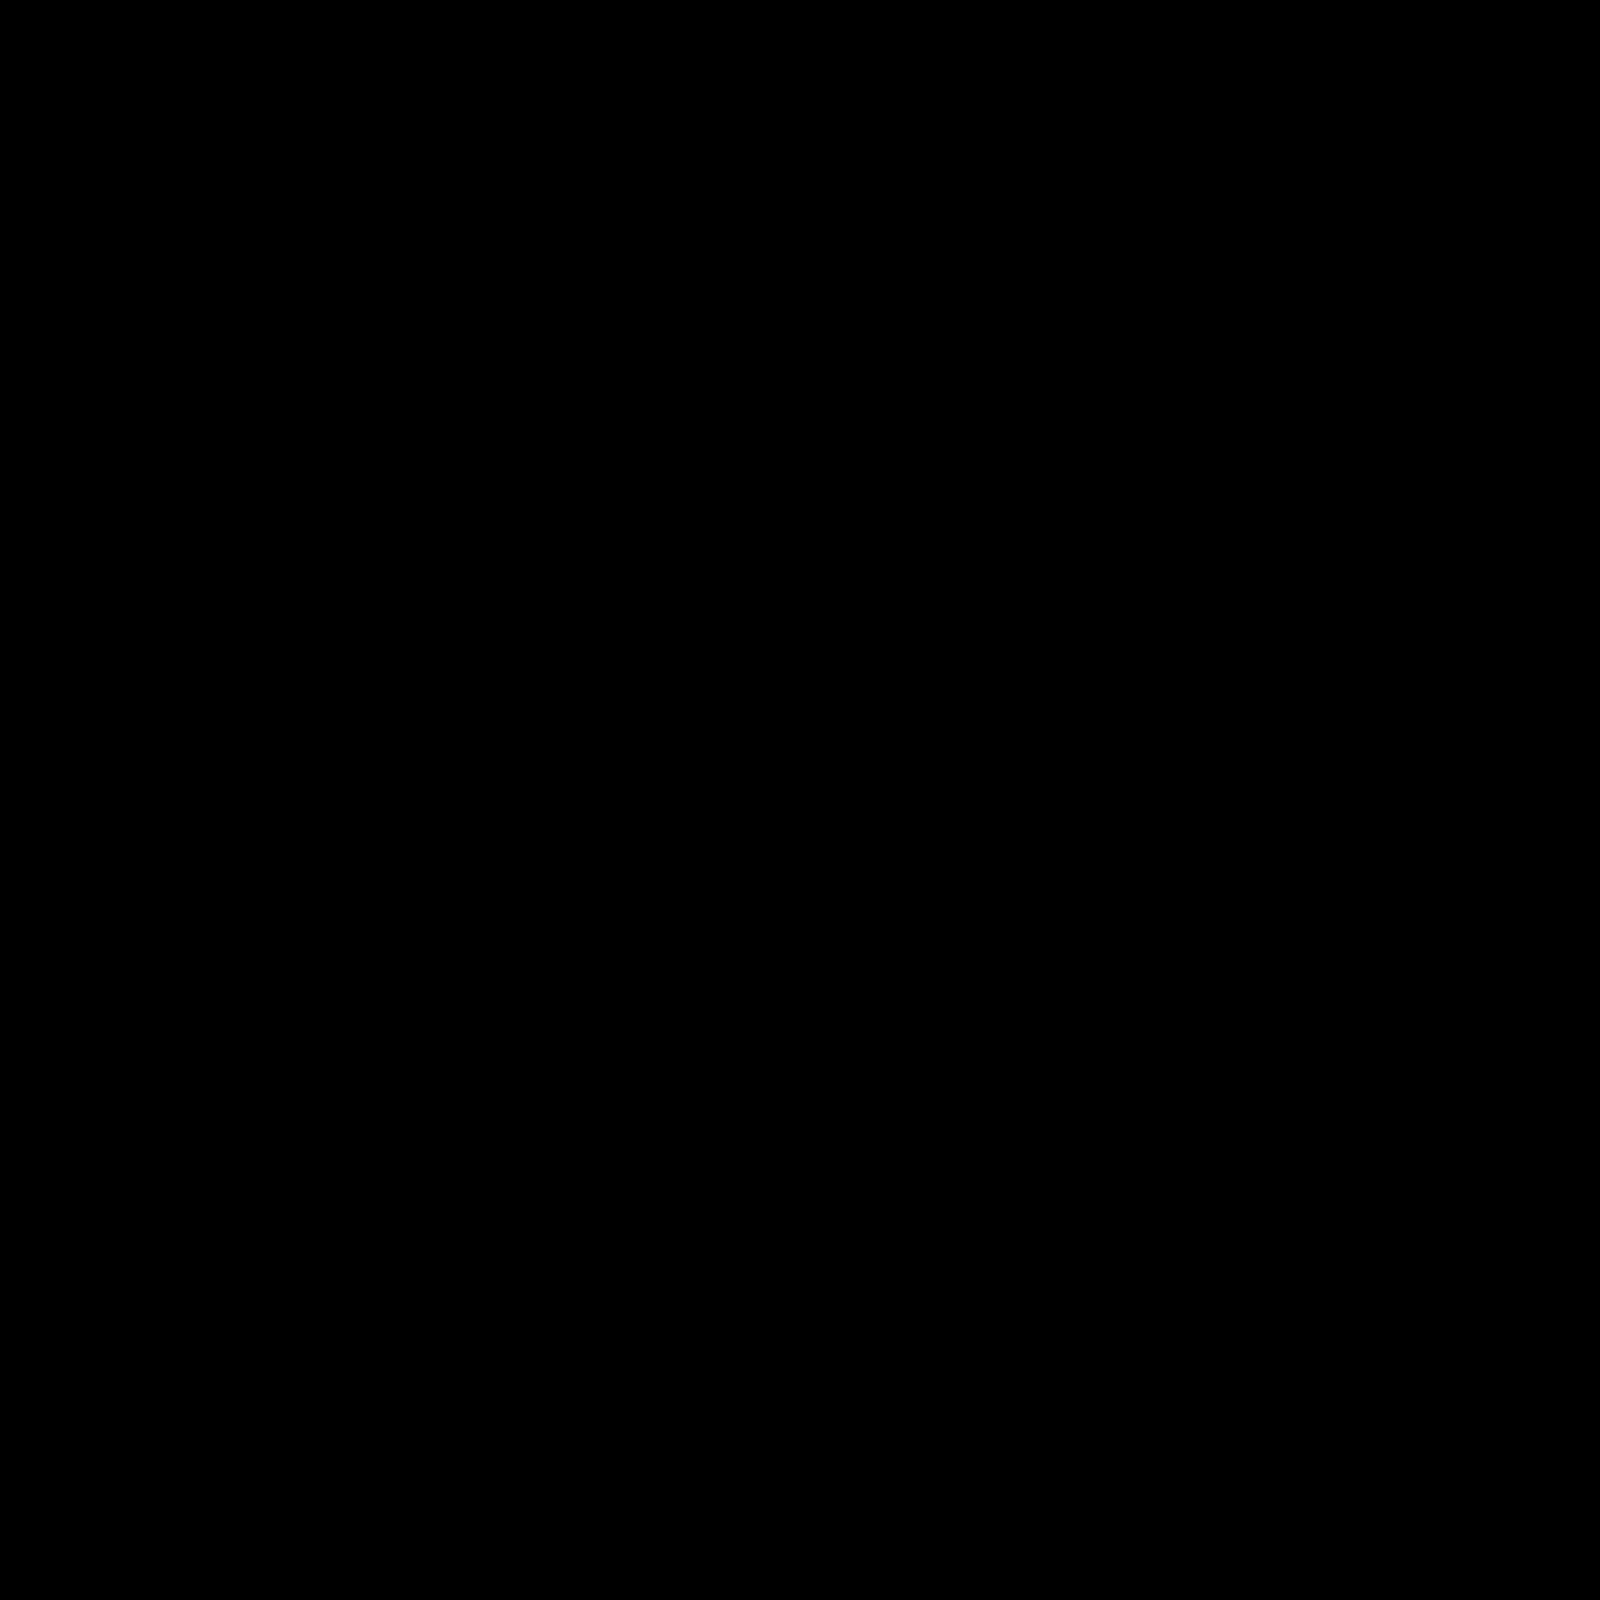 Salto em comprimento icon